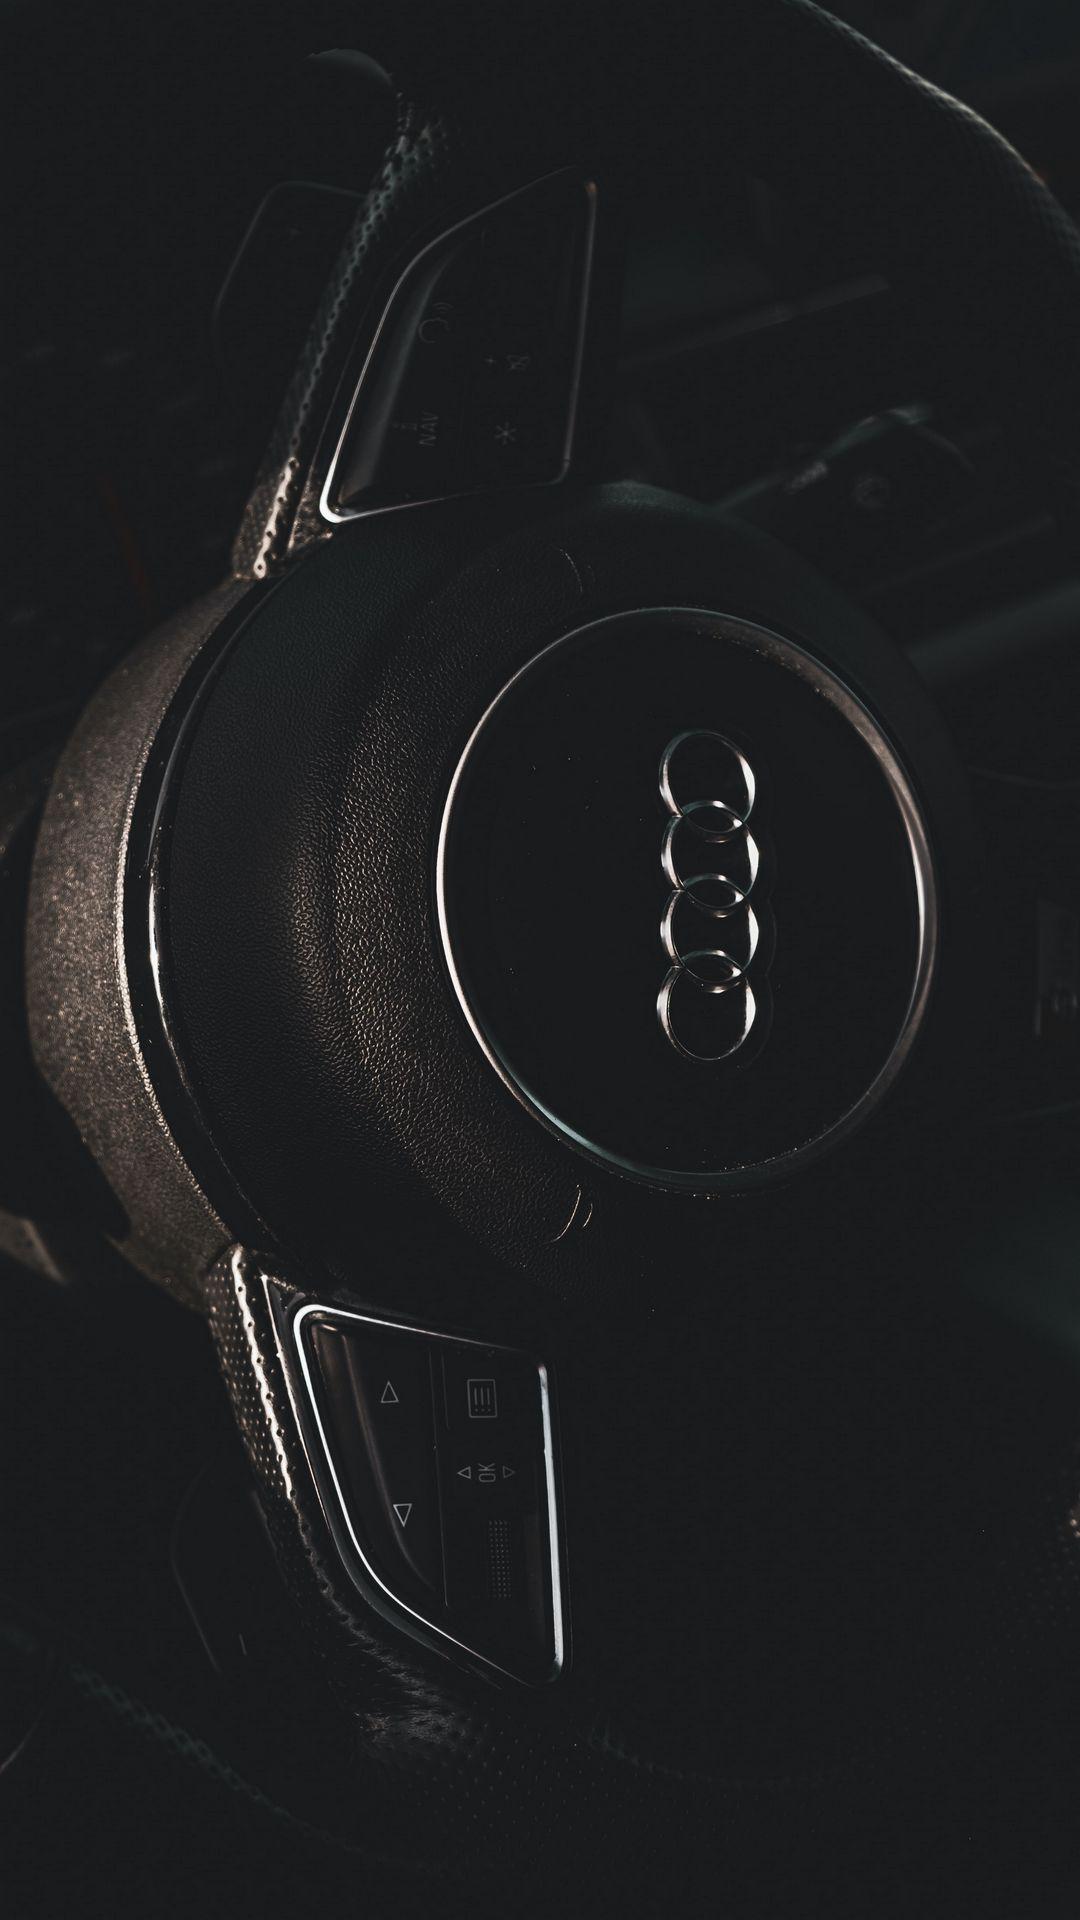 Audi Wheel Car Wallpapers